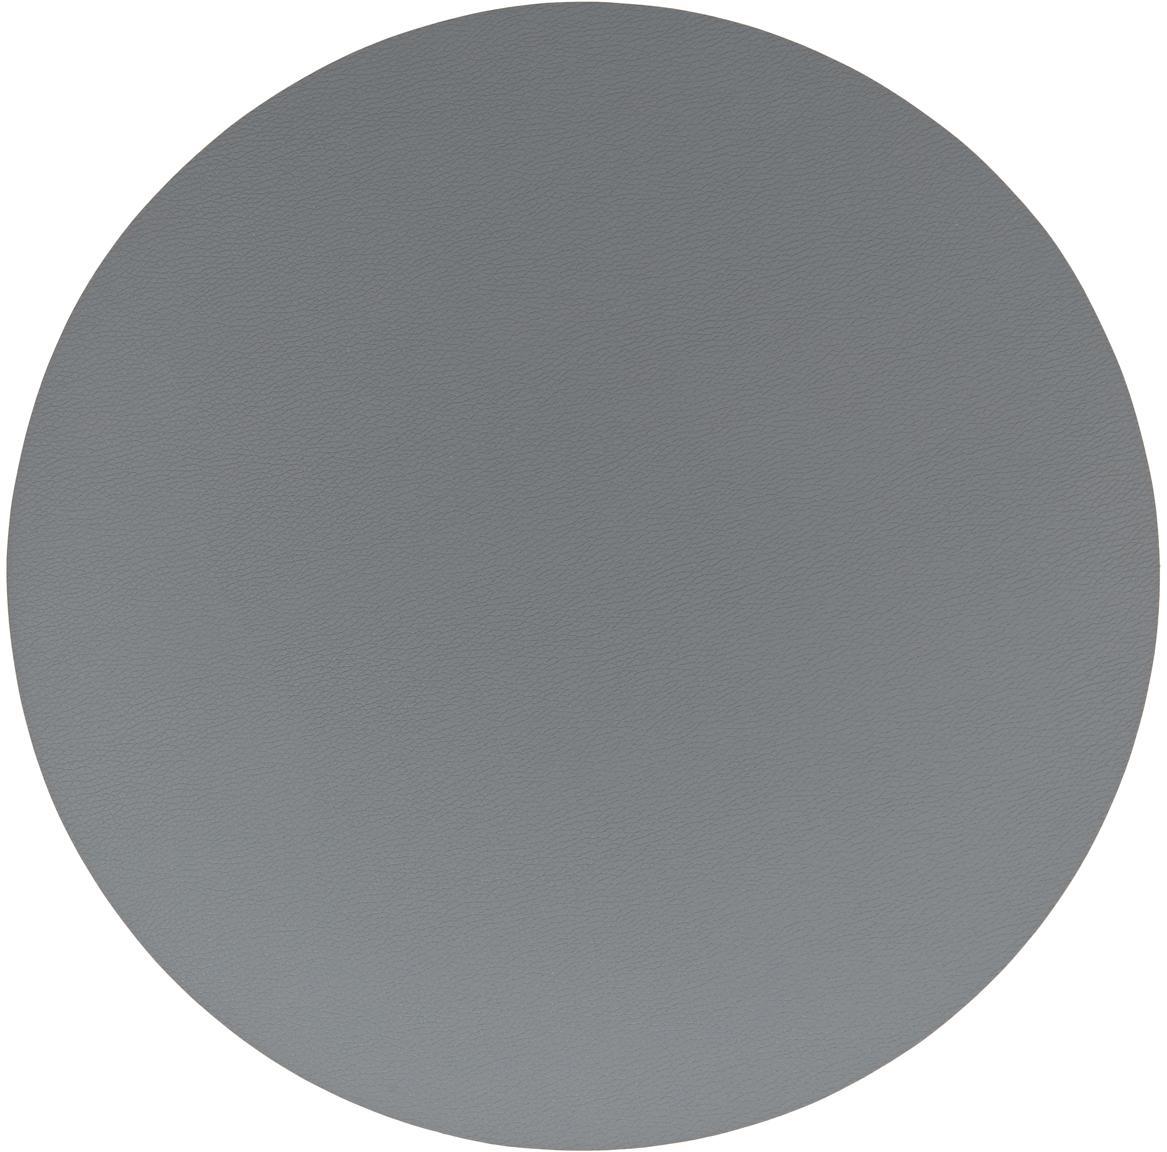 Manteles individuales redondos de cuero sintético Pik, 2uds., Plástico (PVC) es aspecto de cuero, Gris antracita, Ø 38 cm